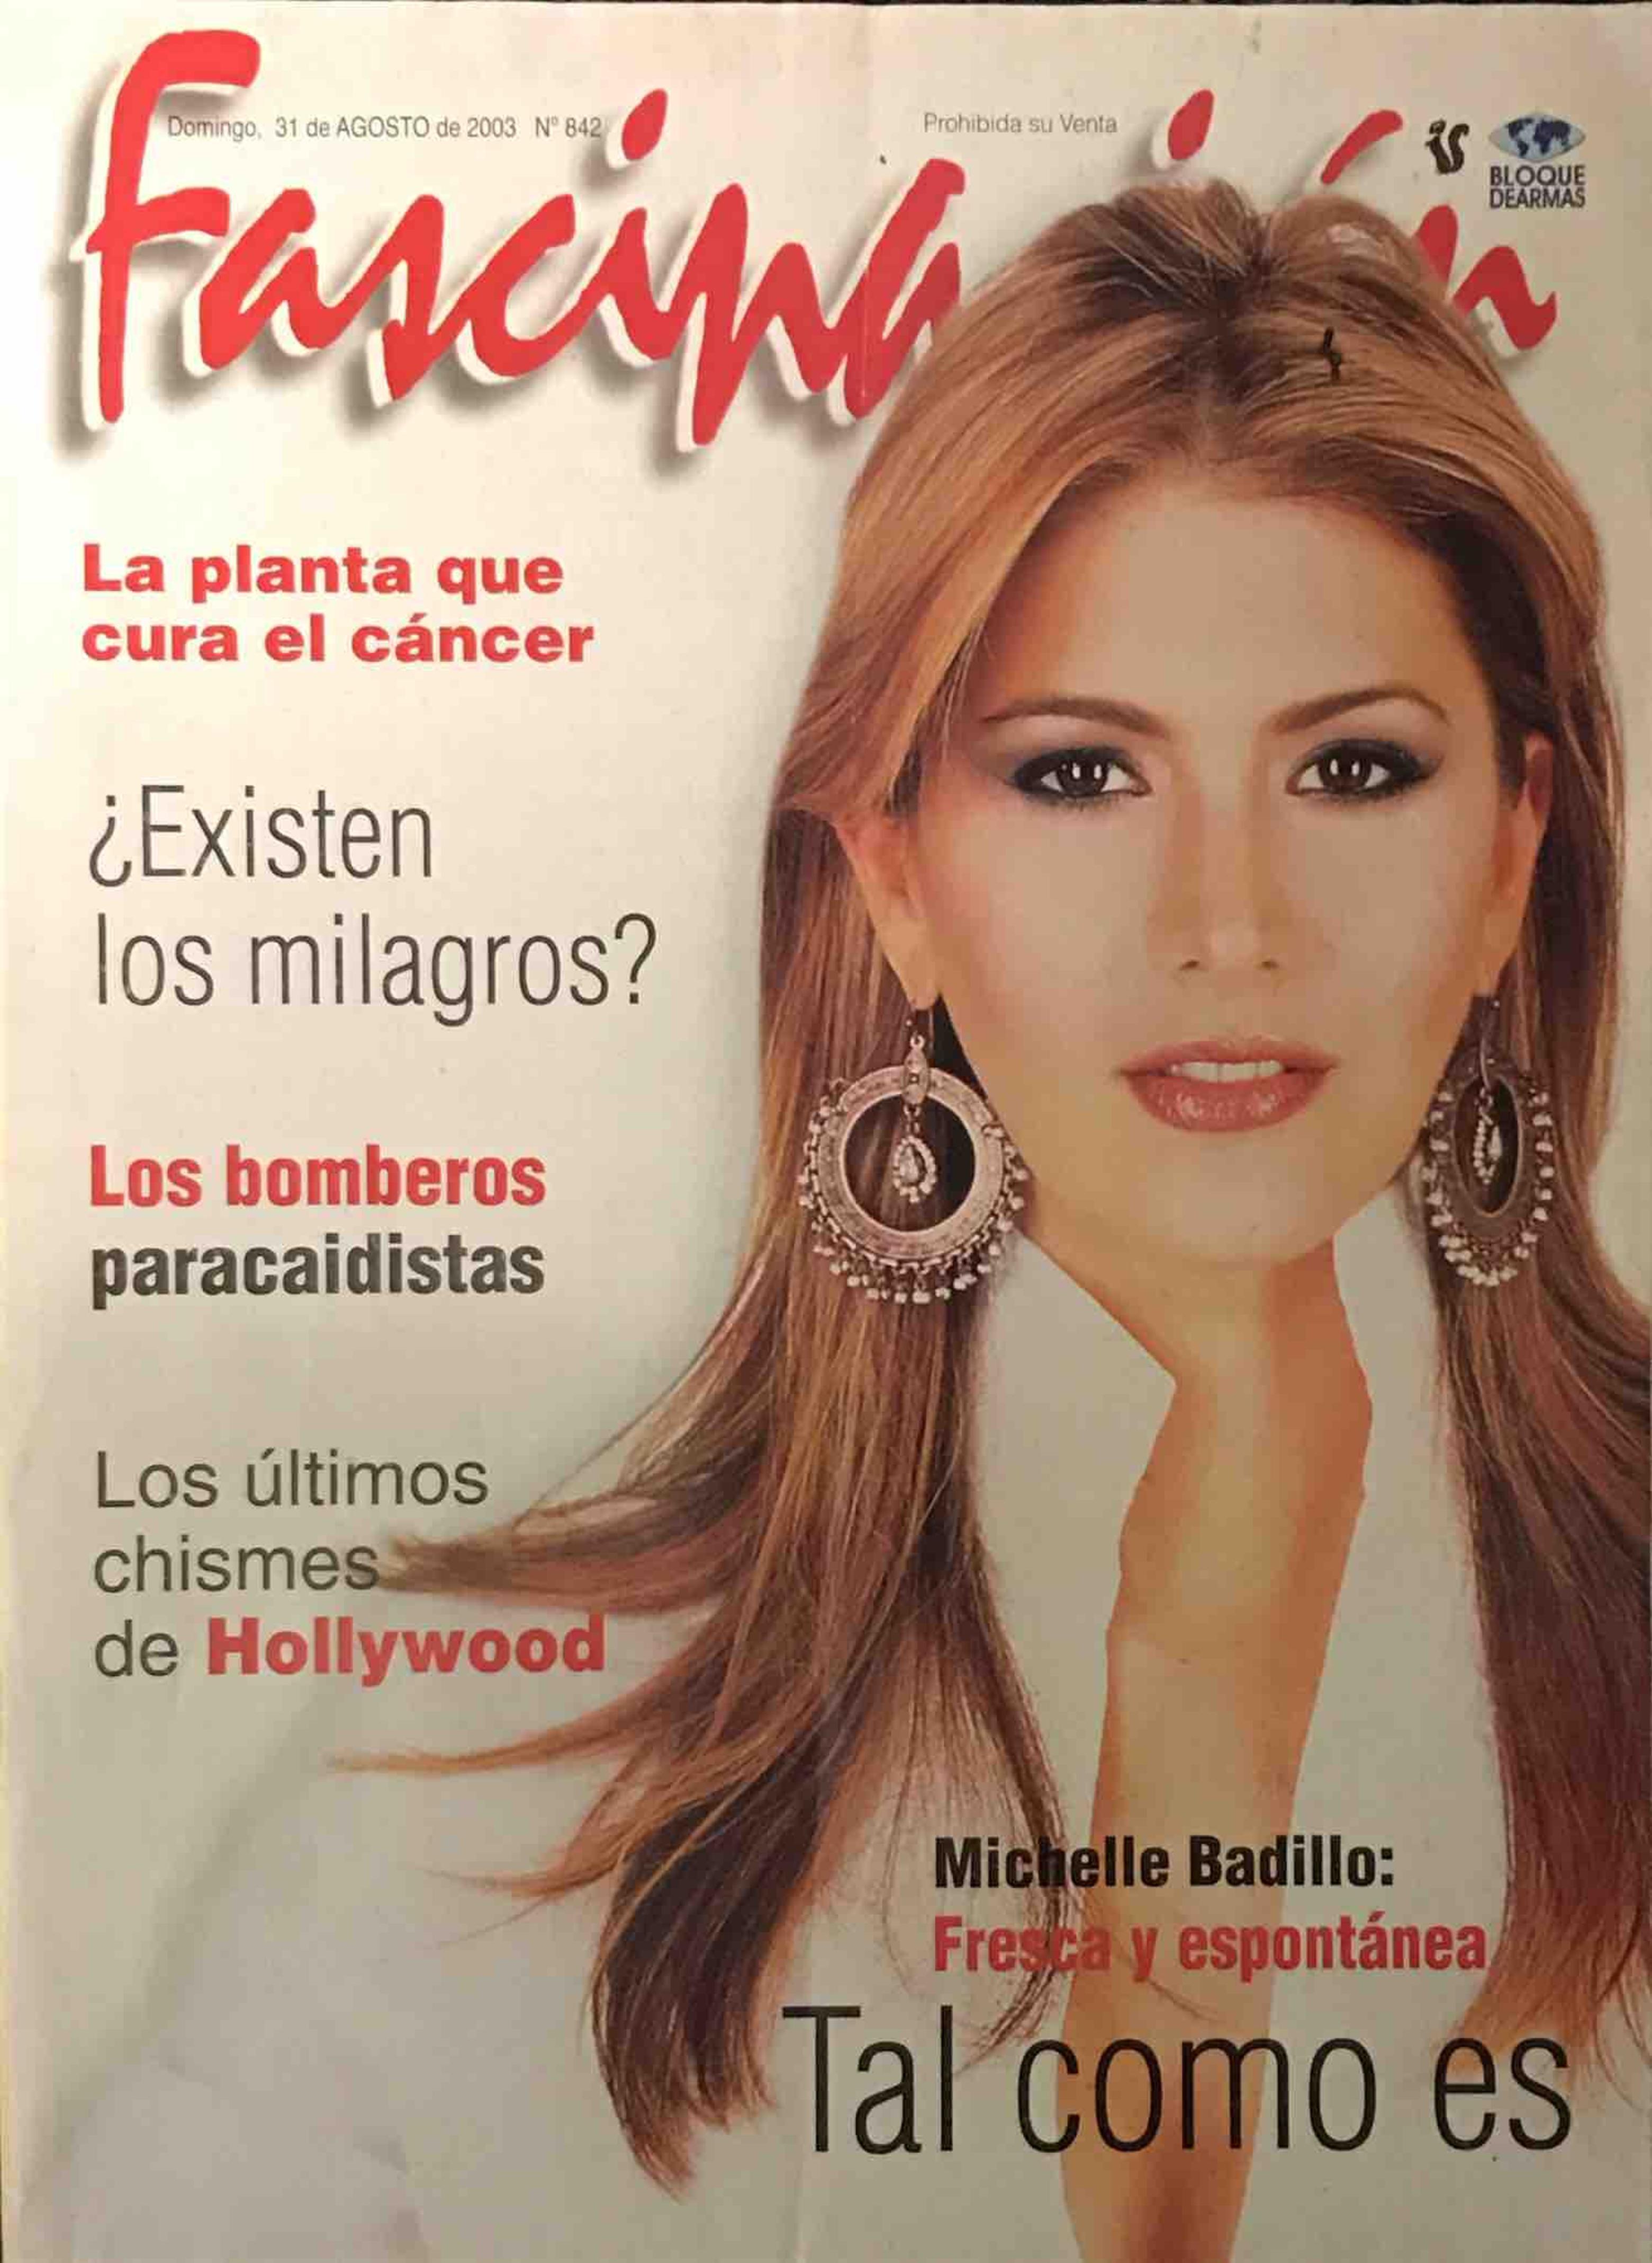 Michelle Badillo Fresca y espontánea Revista Fascinación - www.michellebadillo.com